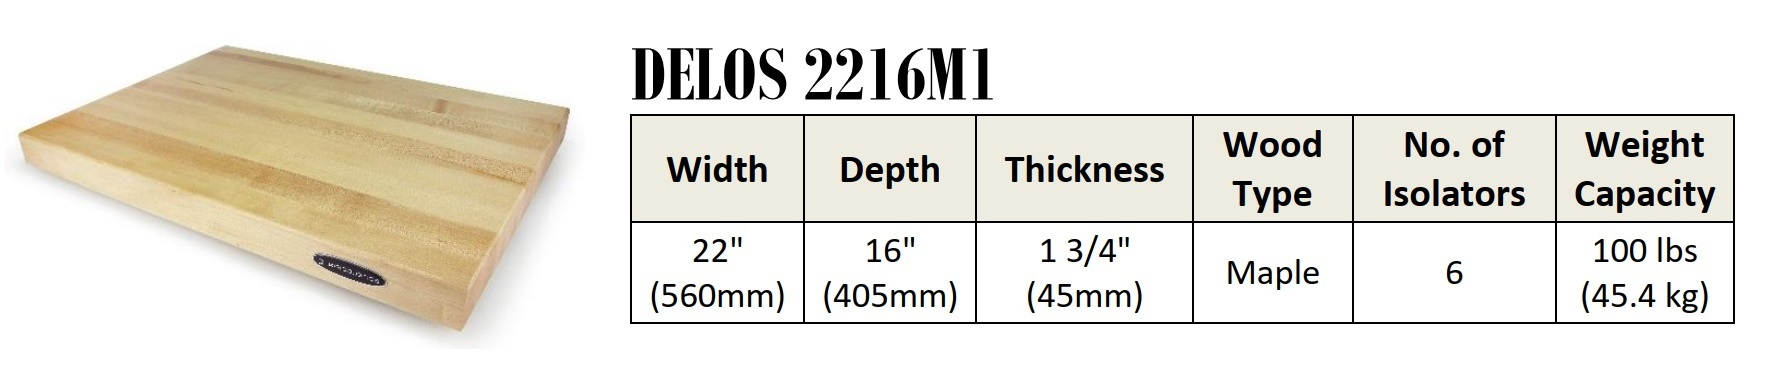 delos 2216m1 specs